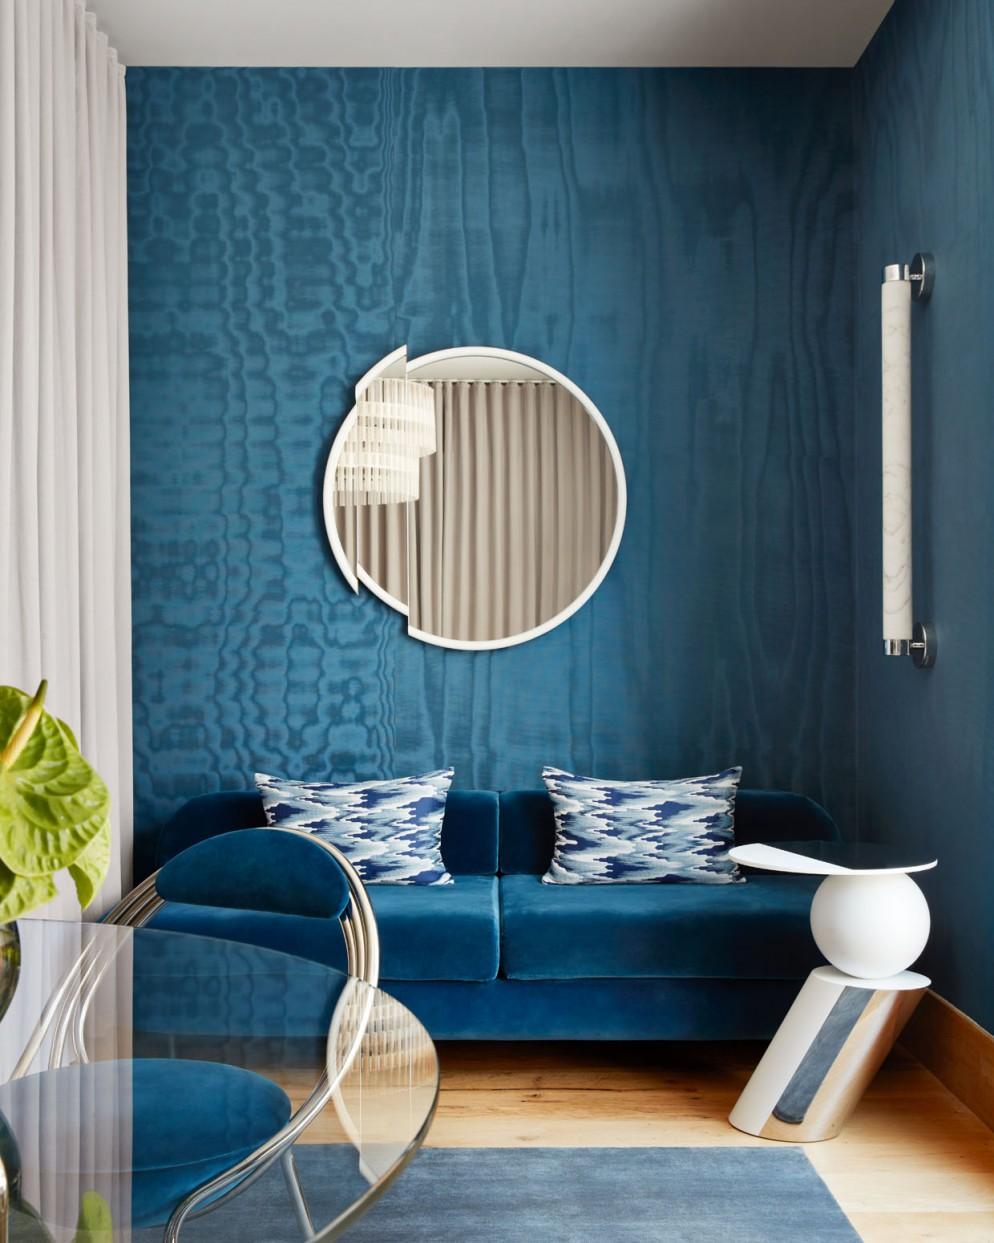 specchi decorativi (3)